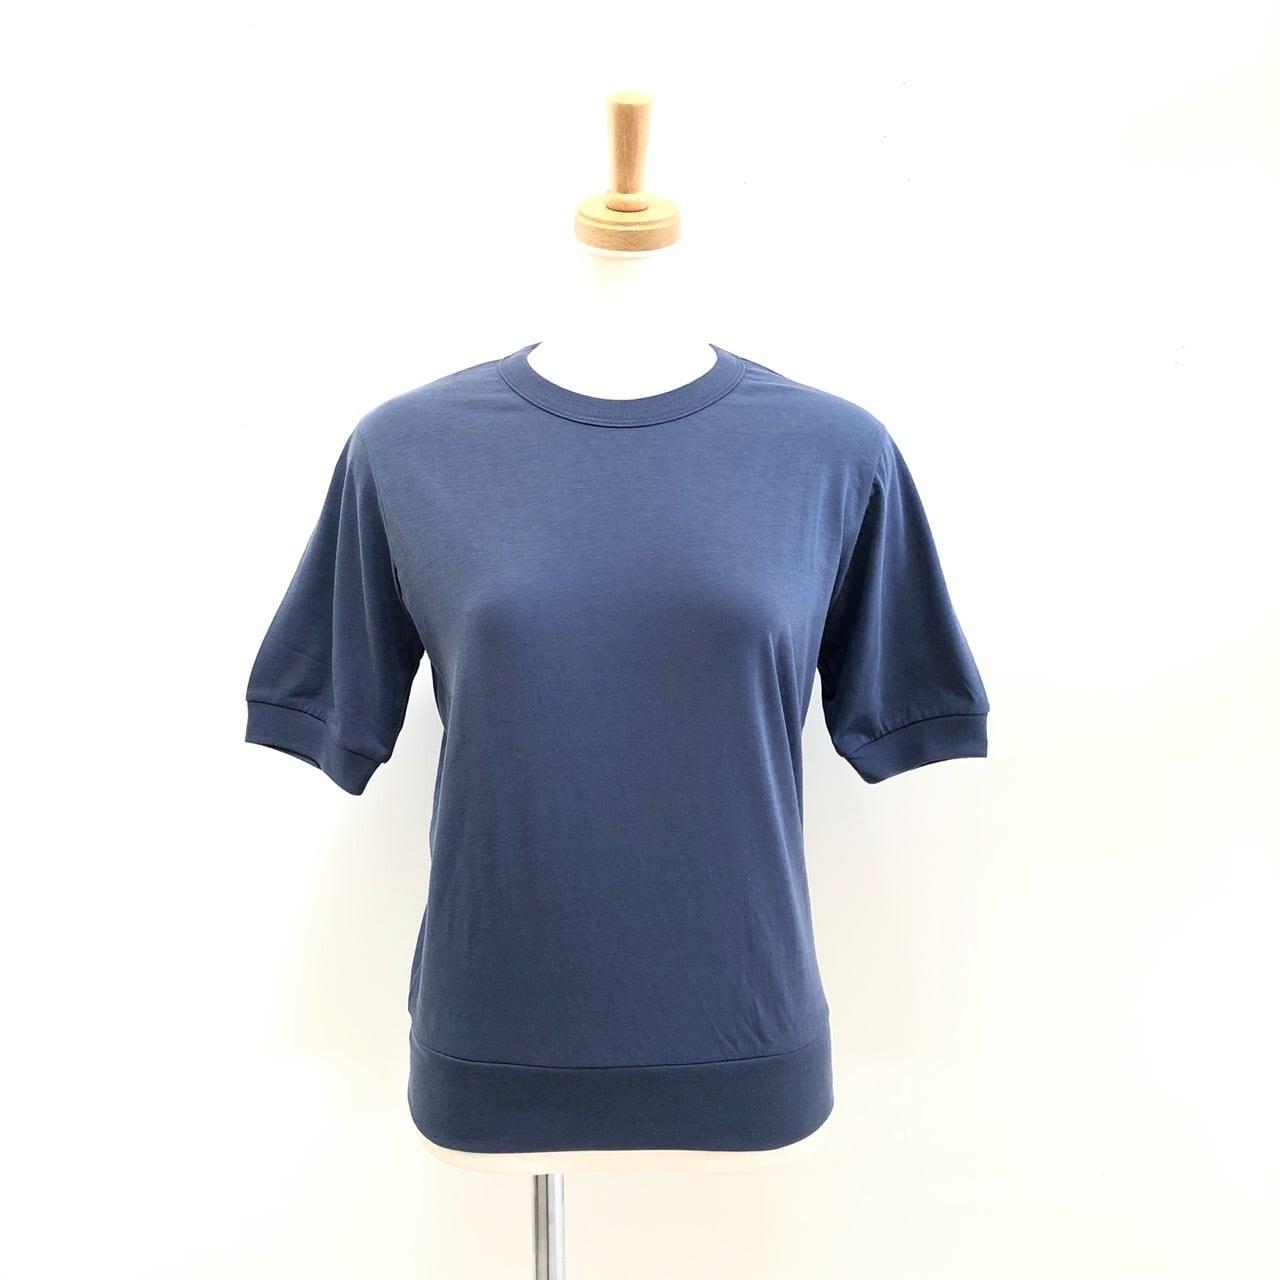 【 Luvourdays 】- LV-CT9228 - リブTシャツ